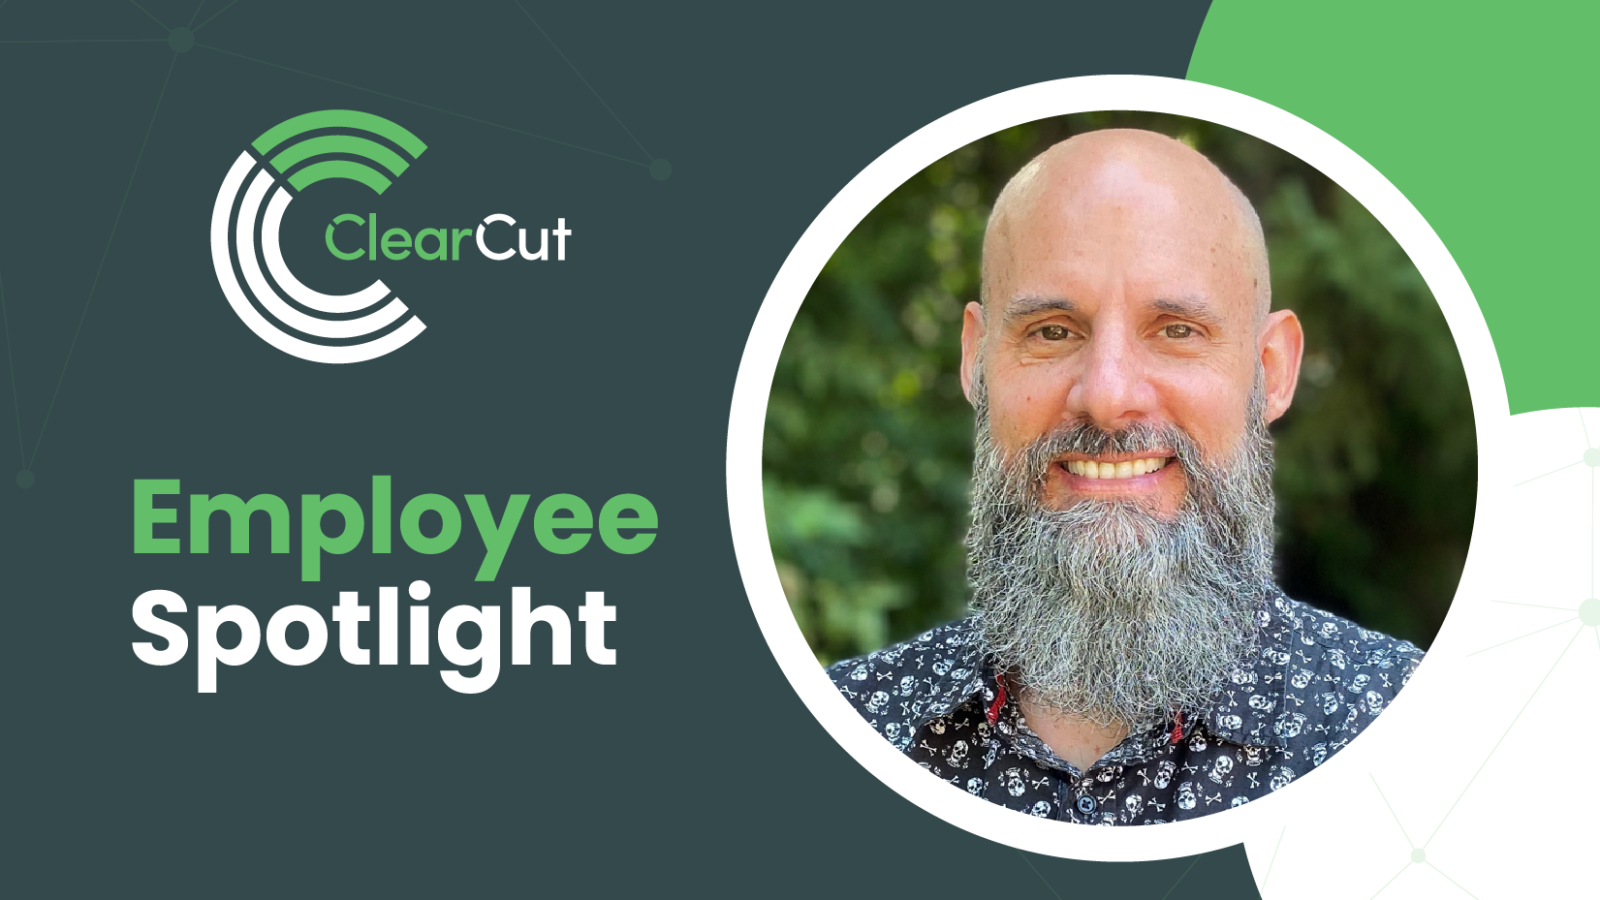 Meet Terry: ClearCut's Software Developer